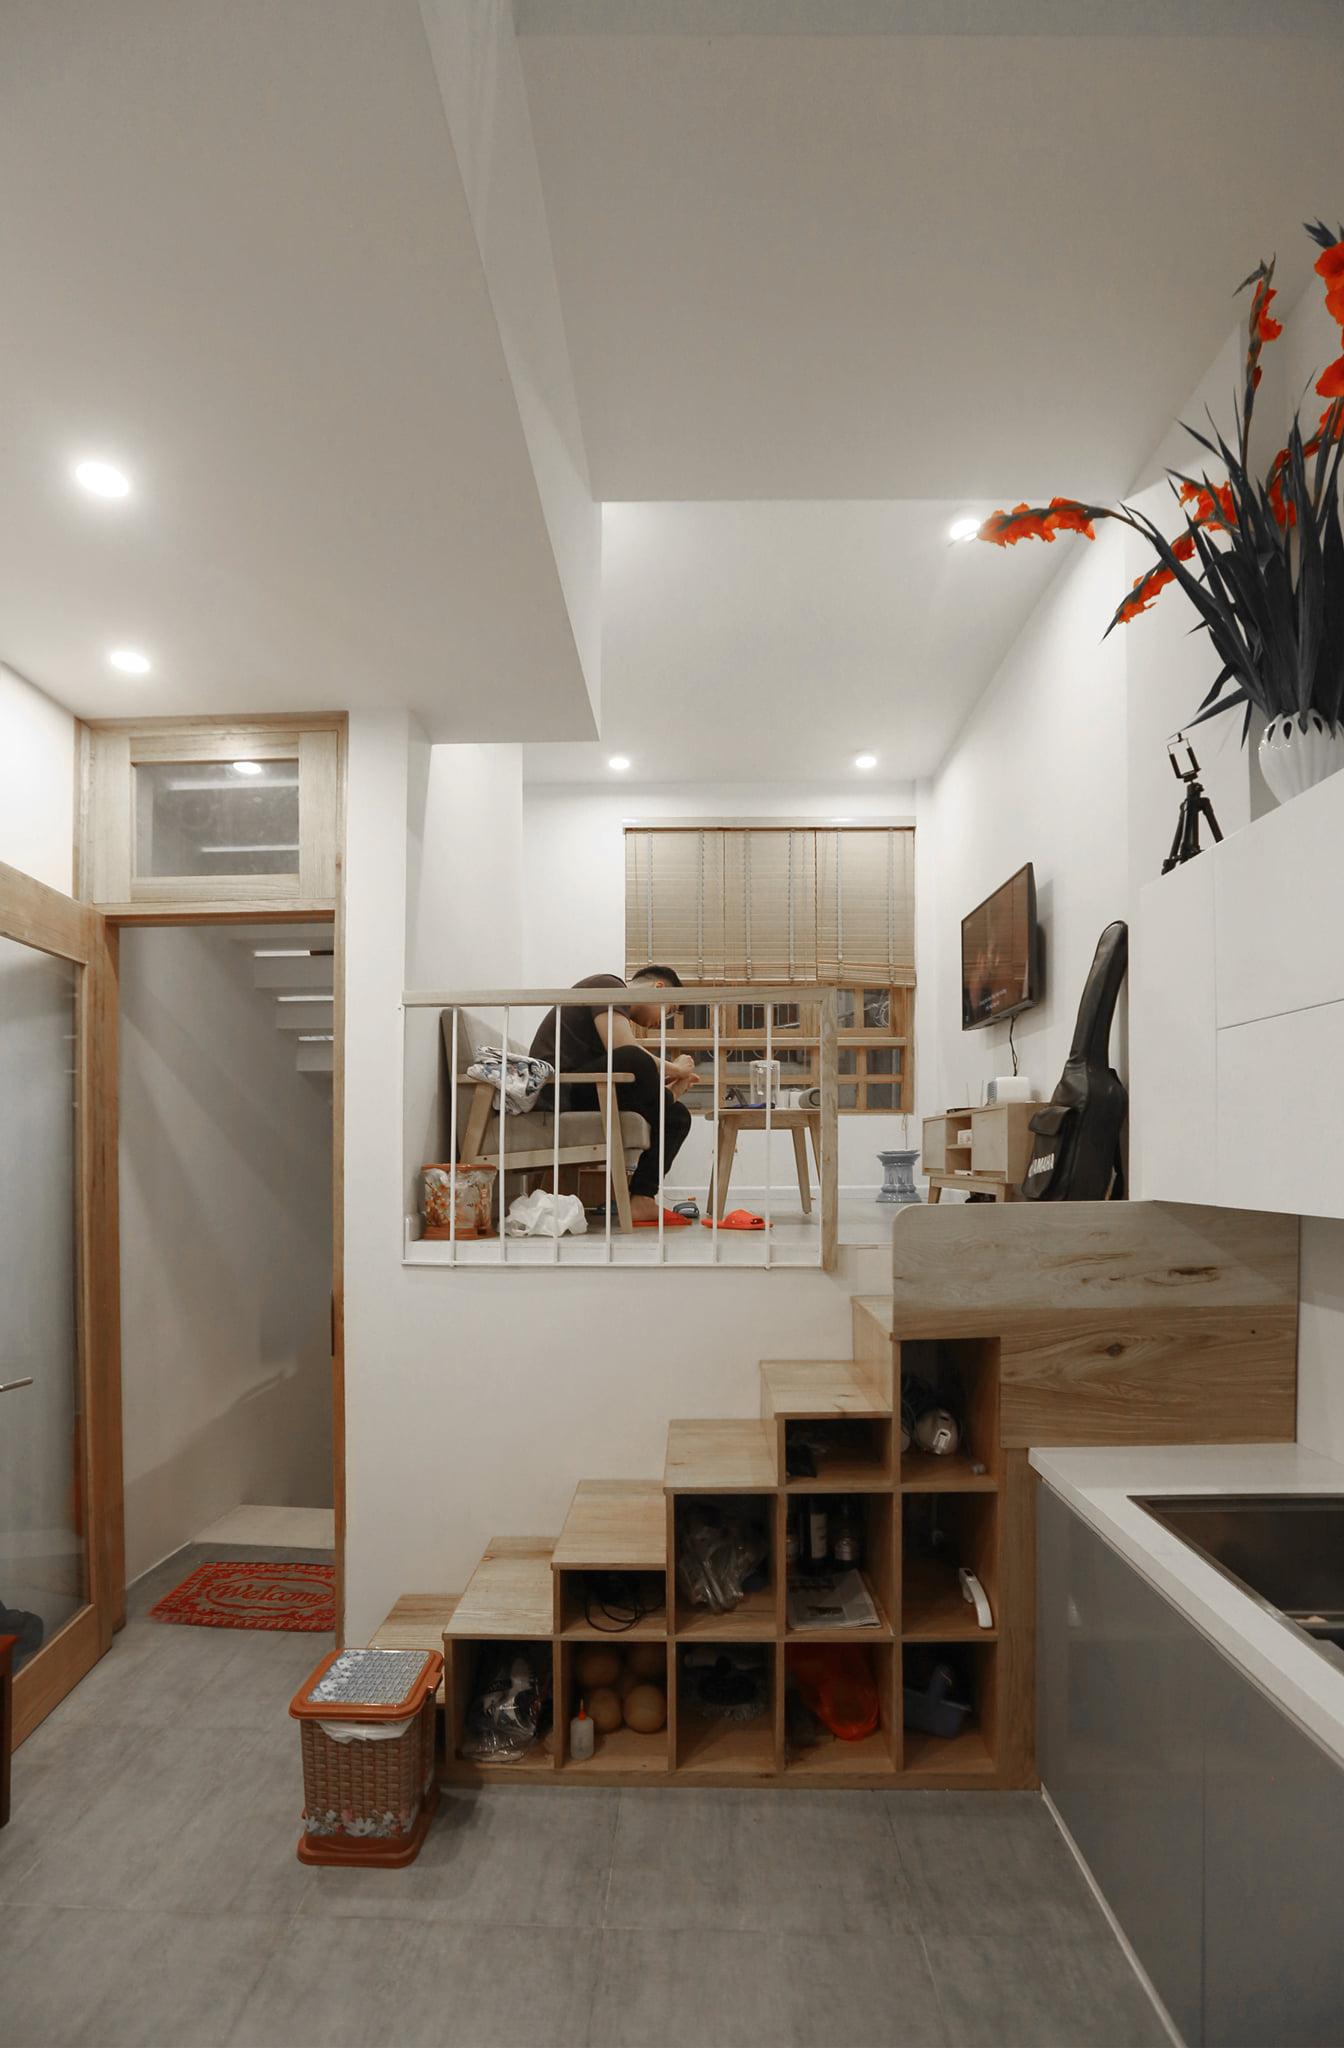 cầu thang trong phong cách nội thất tối giản (minimalism)